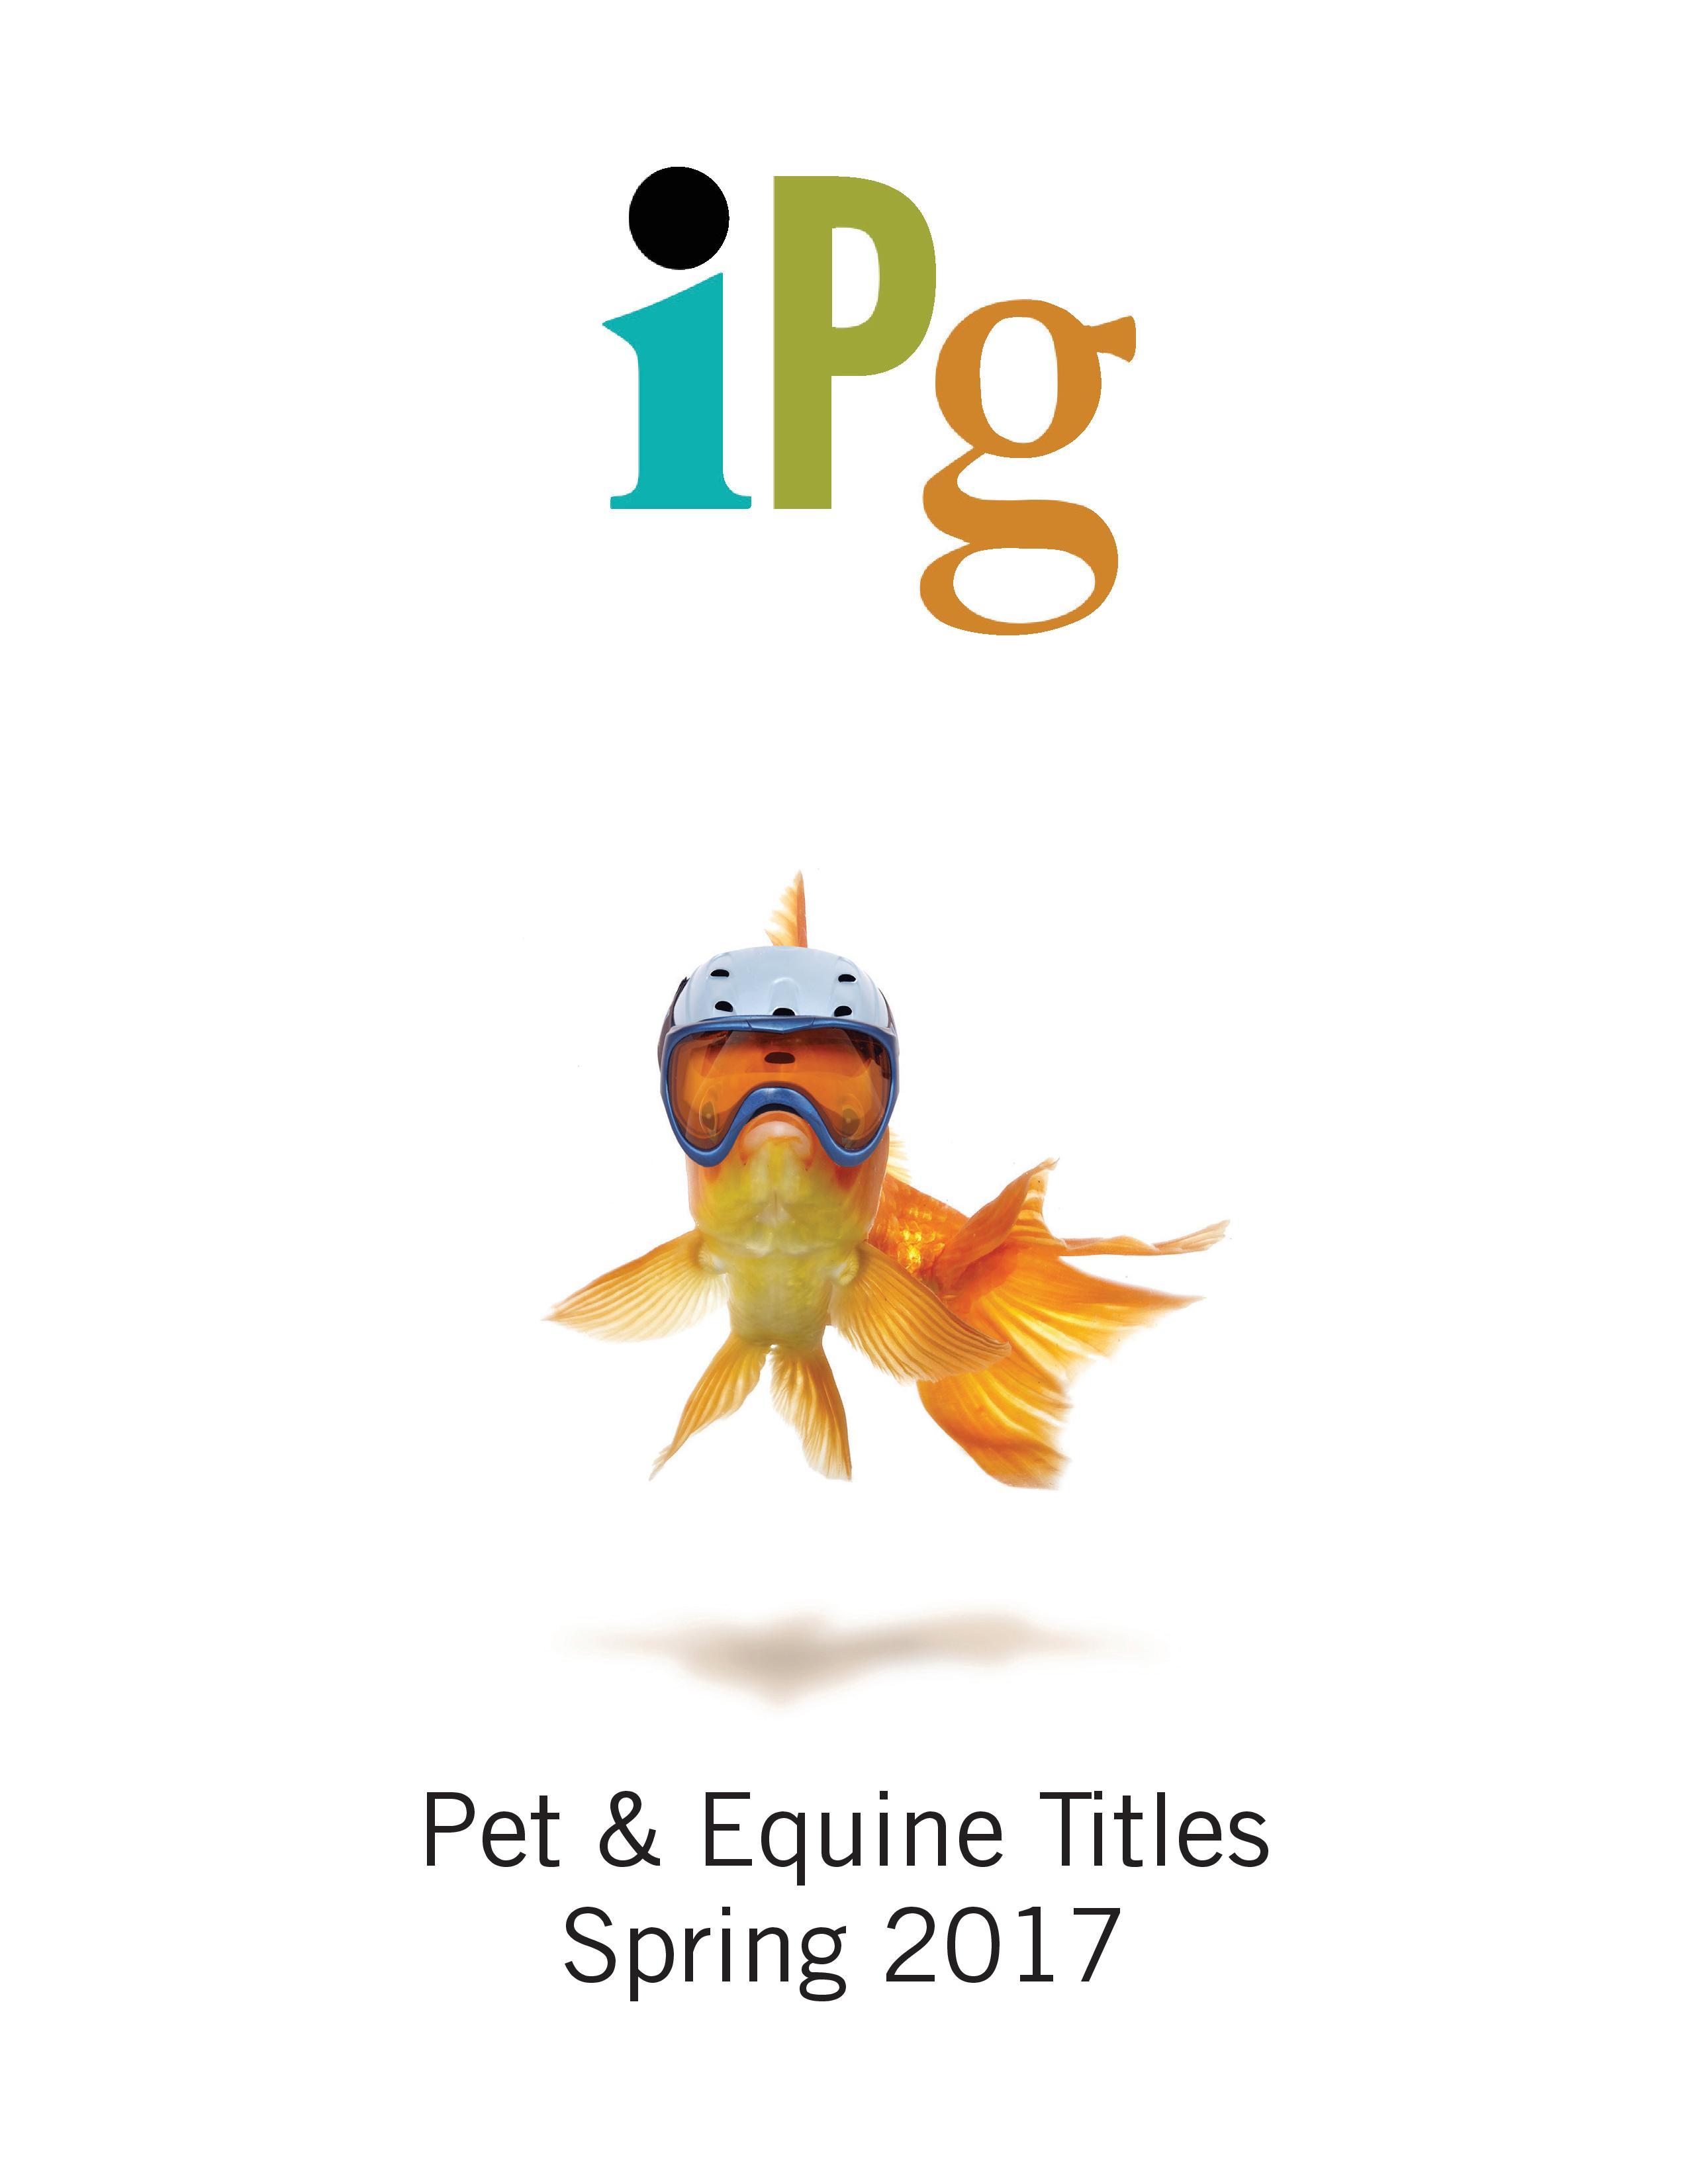 Pet & Equine Titles